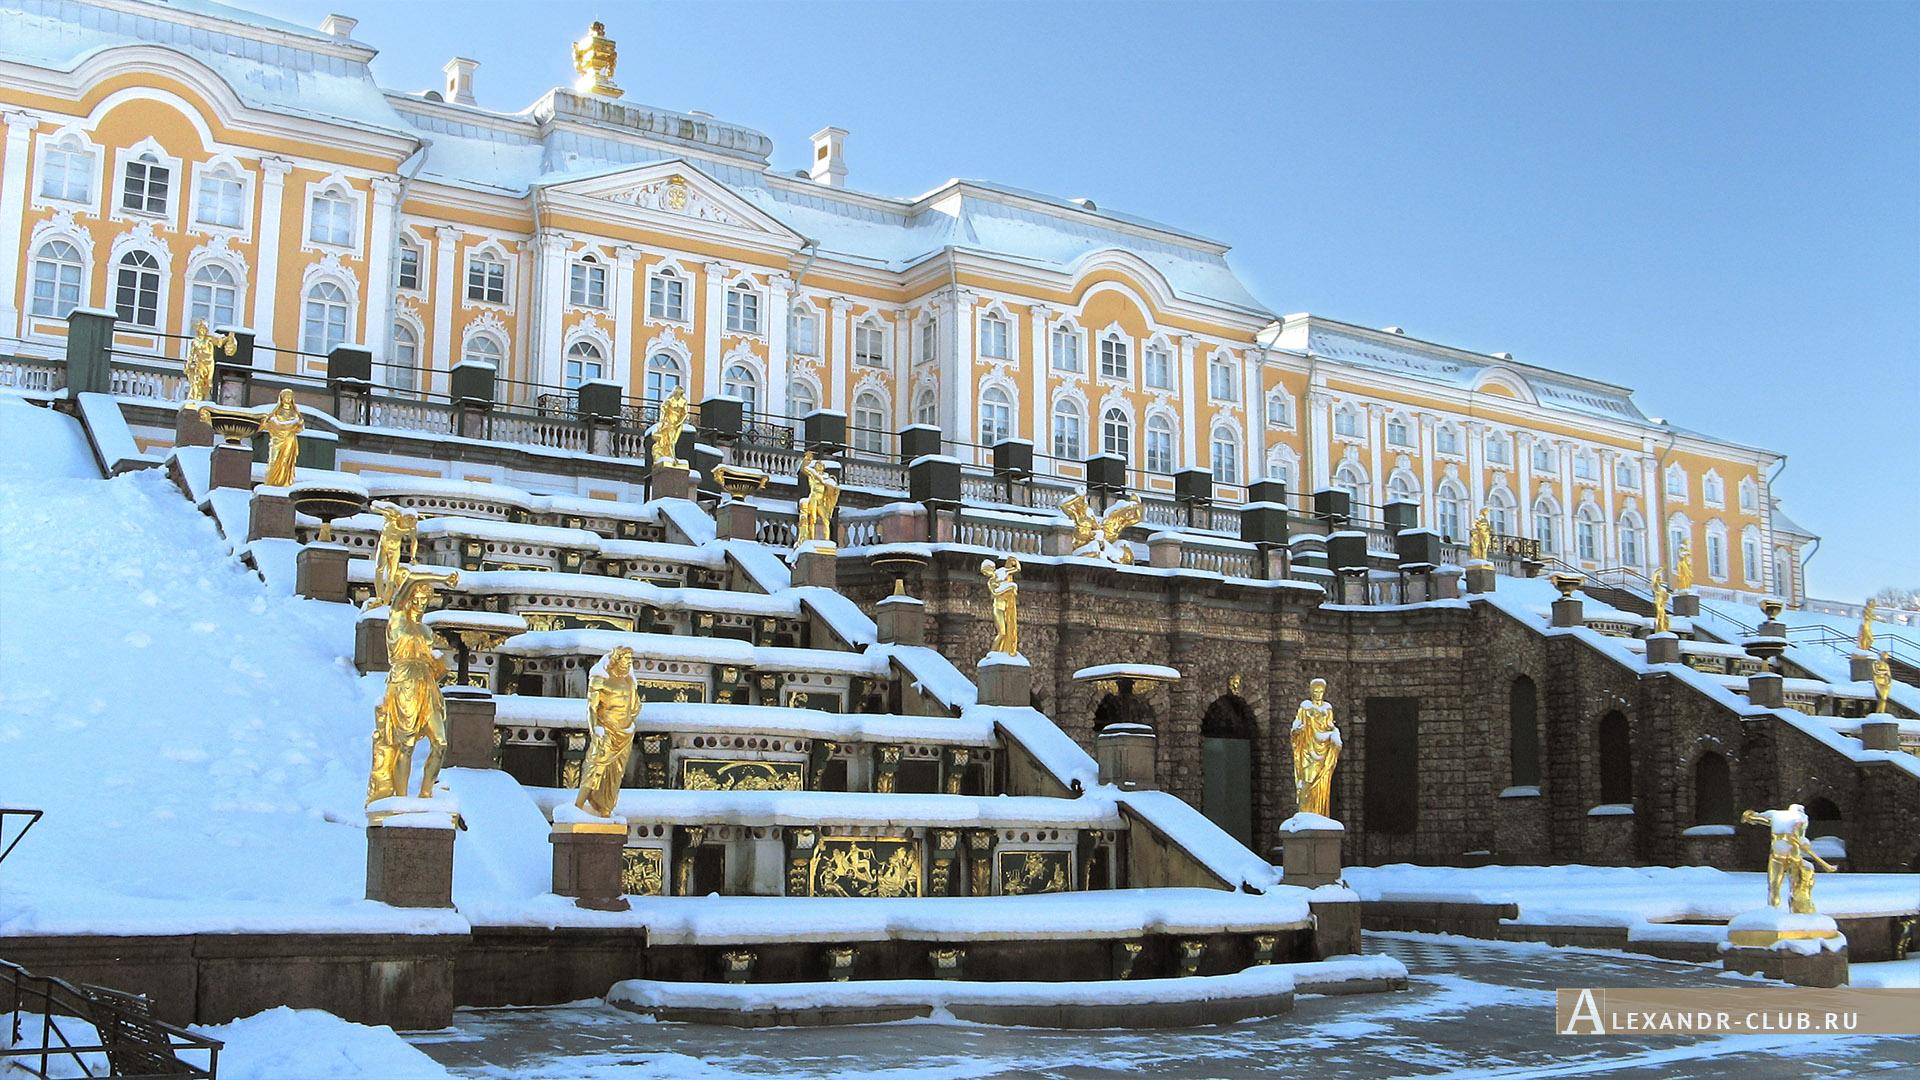 Петергоф, зима, Нижний парк, Большой каскад и Большой петергофский дворец – 1